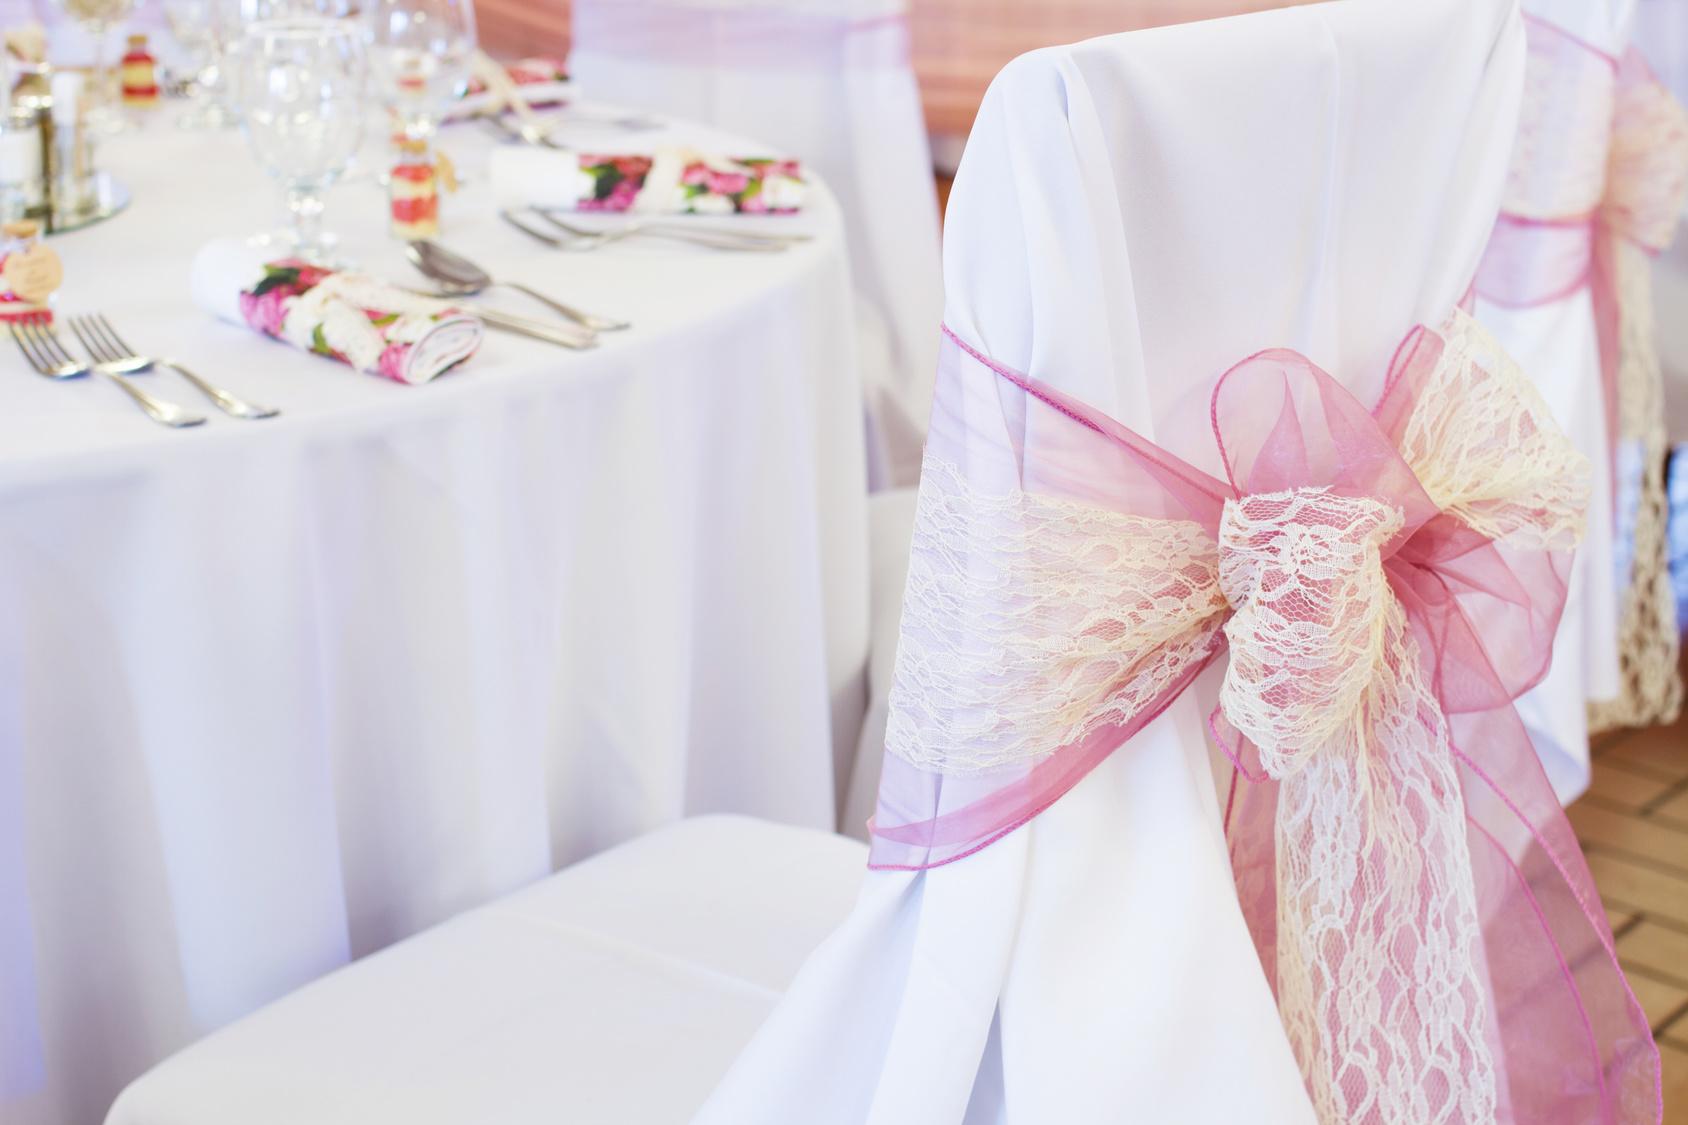 dekoracje krzeseł na weselu